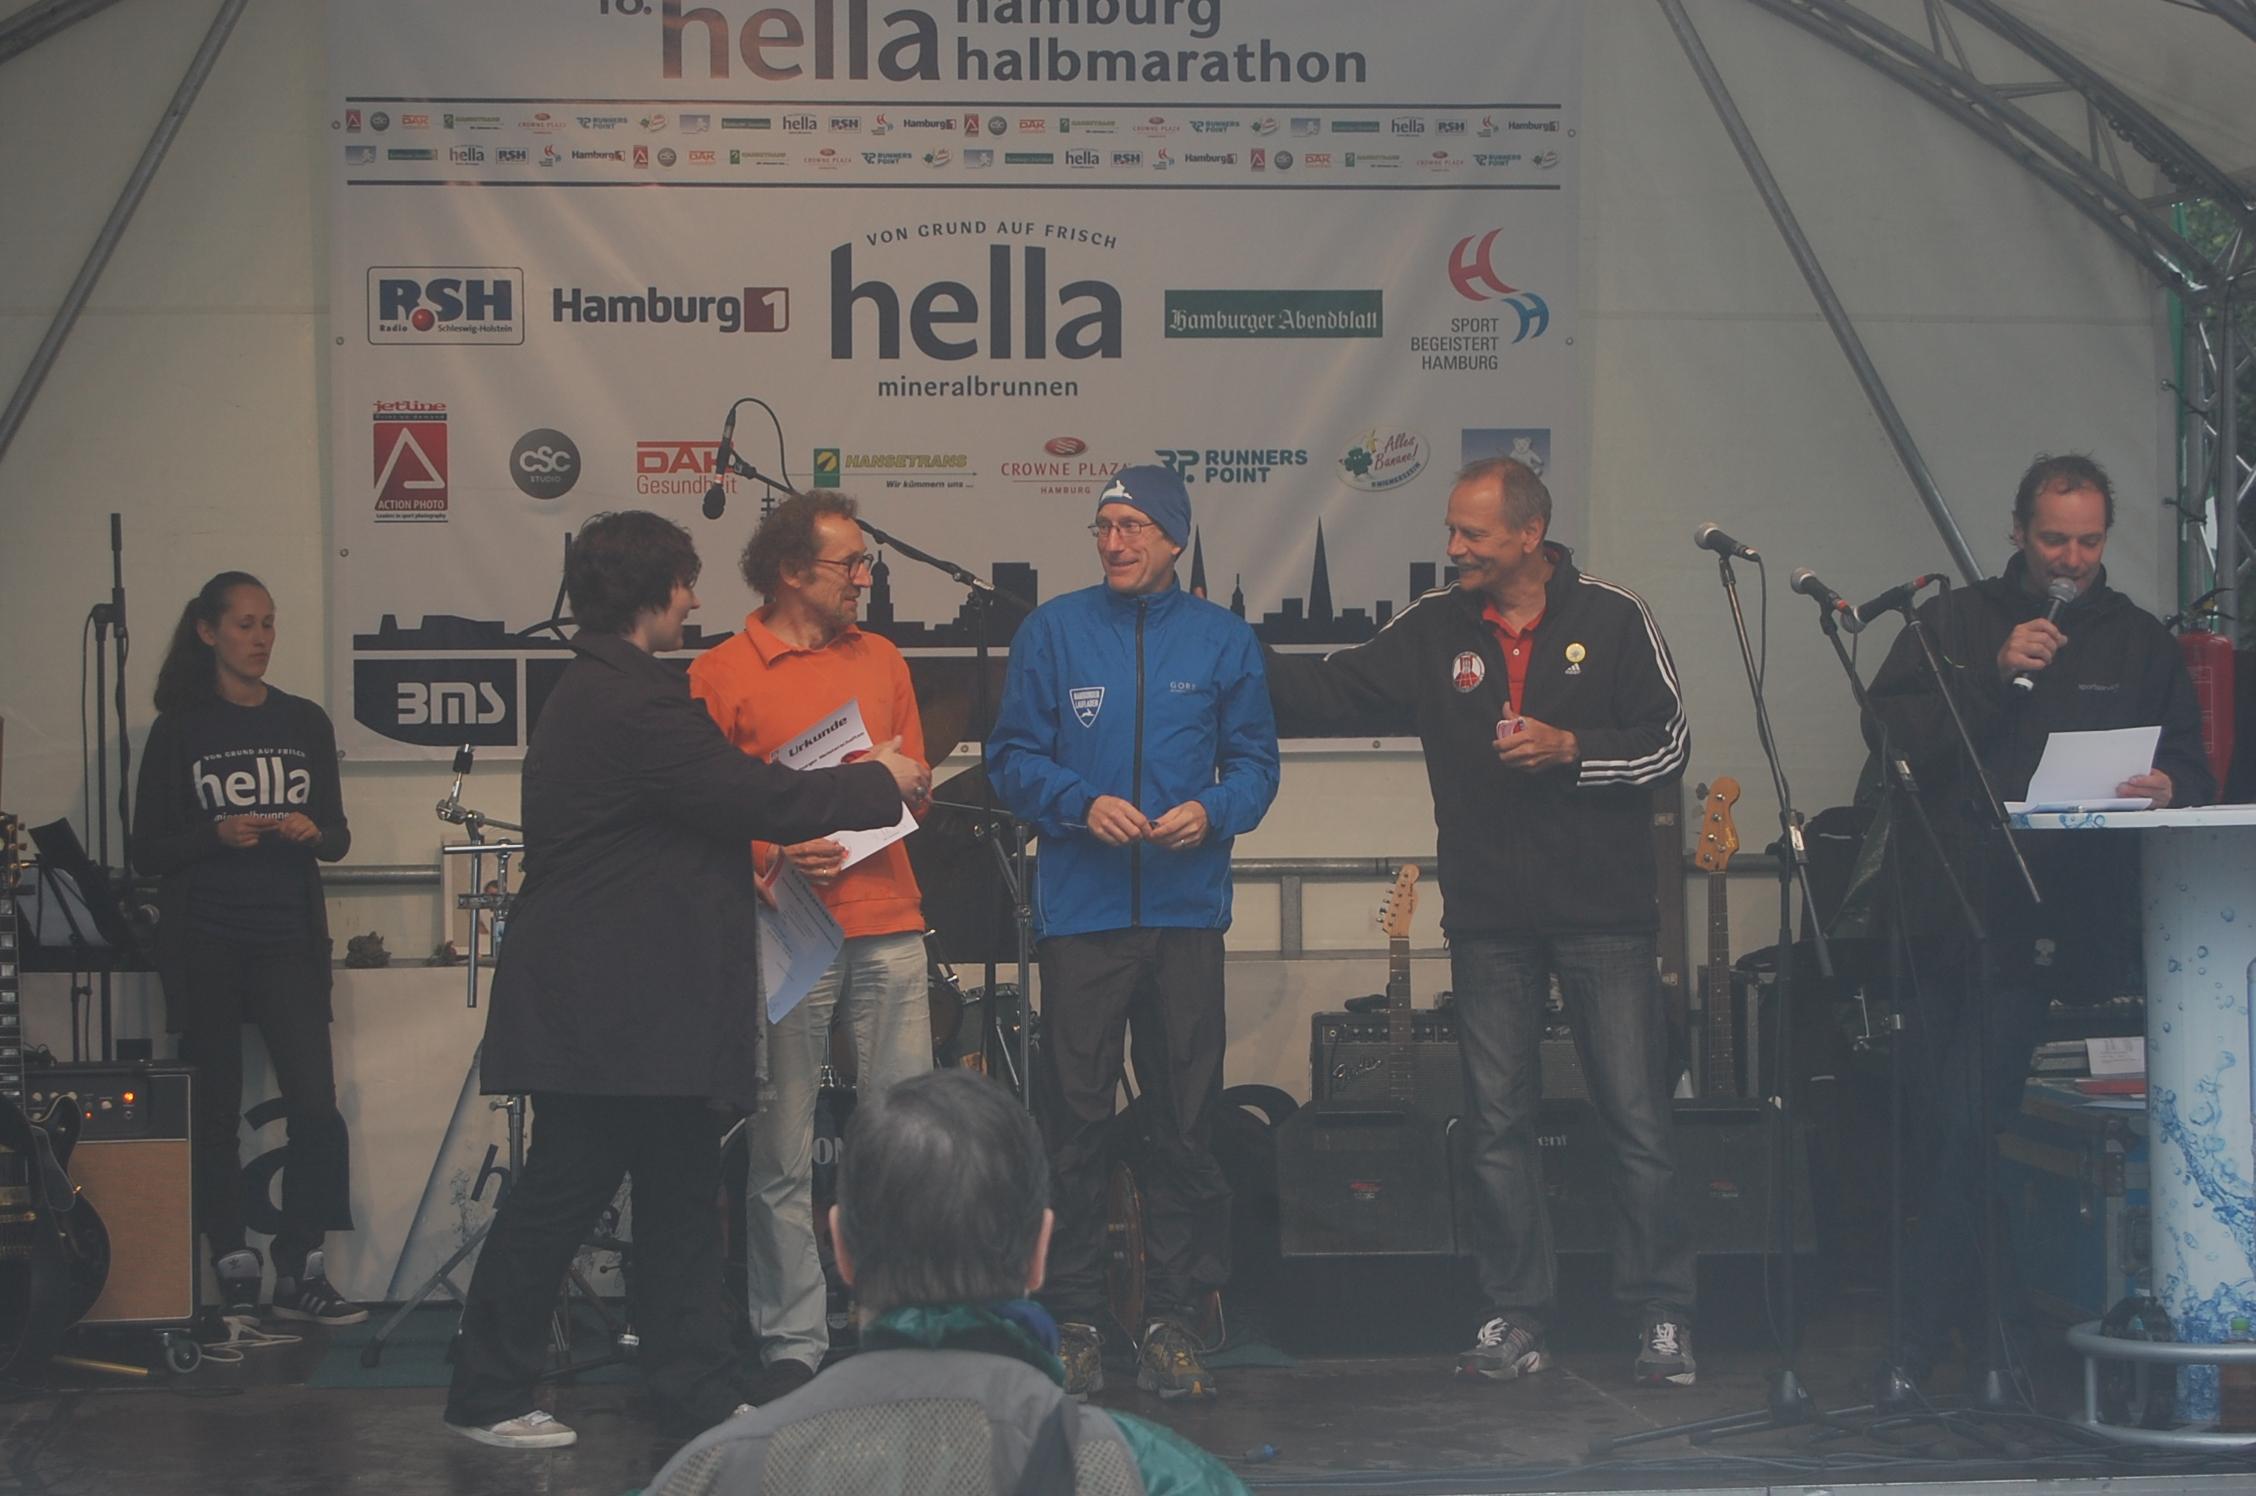 18. hella Halbmarathon: Siegerehrungen Hamburger Meisterschaften Senioren